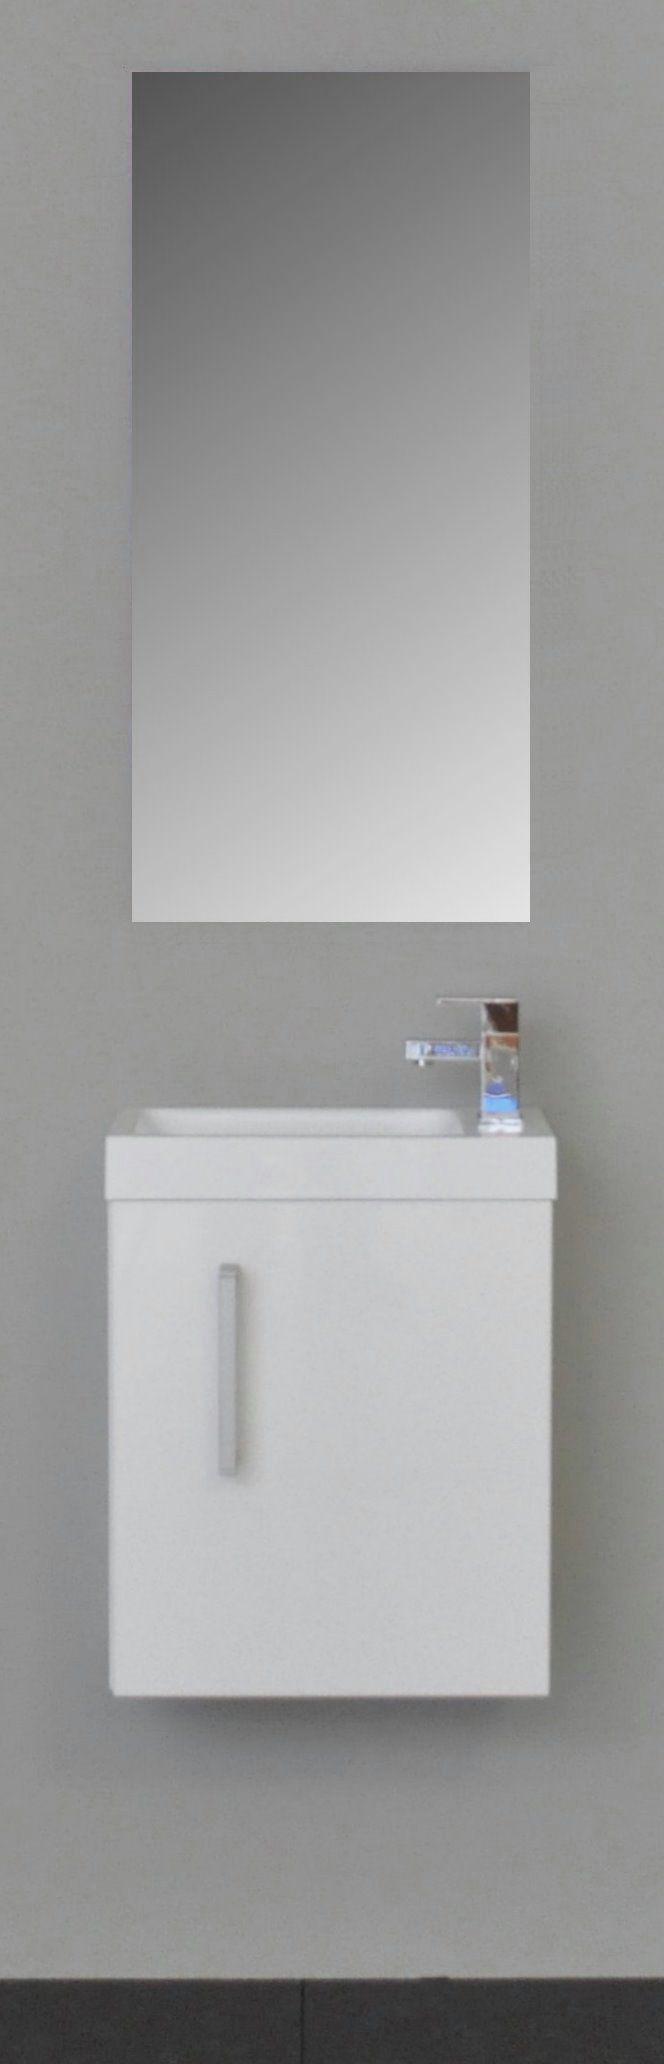 Sanicare toiletmeubel Q40 hoogglans wit 40 cm. met spiegel